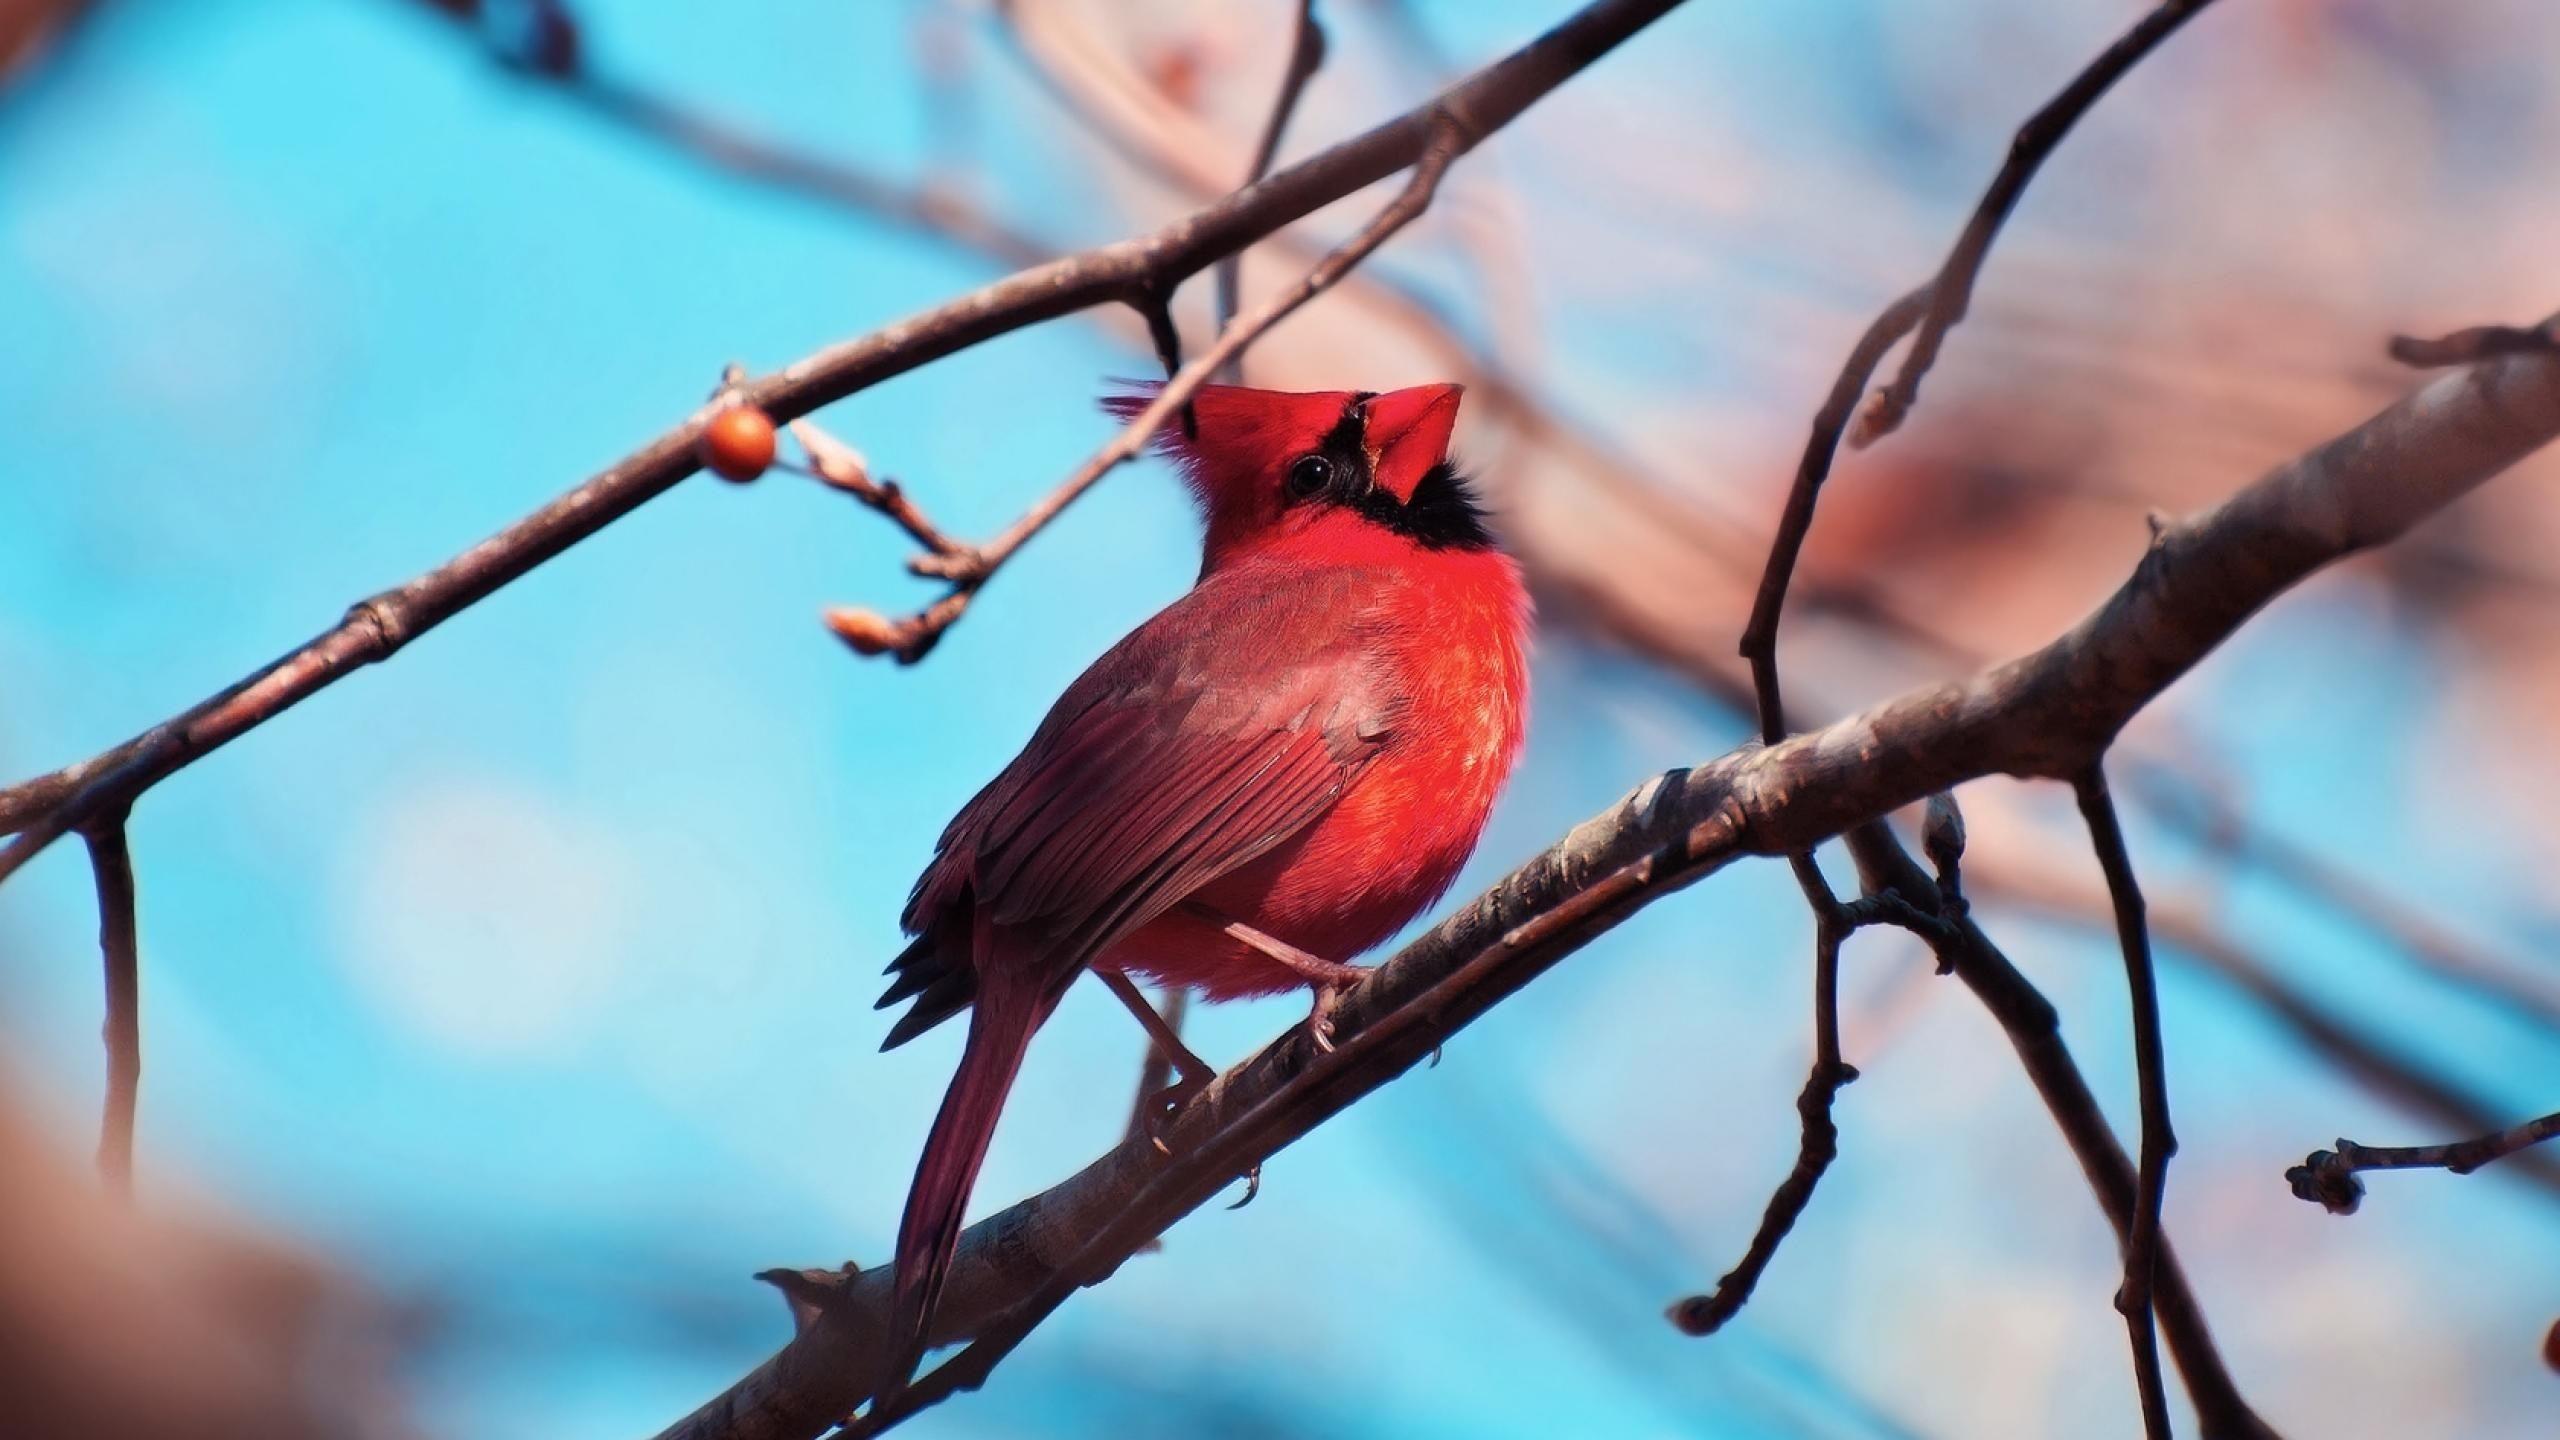 Red Cardinal Bird Wallpaper